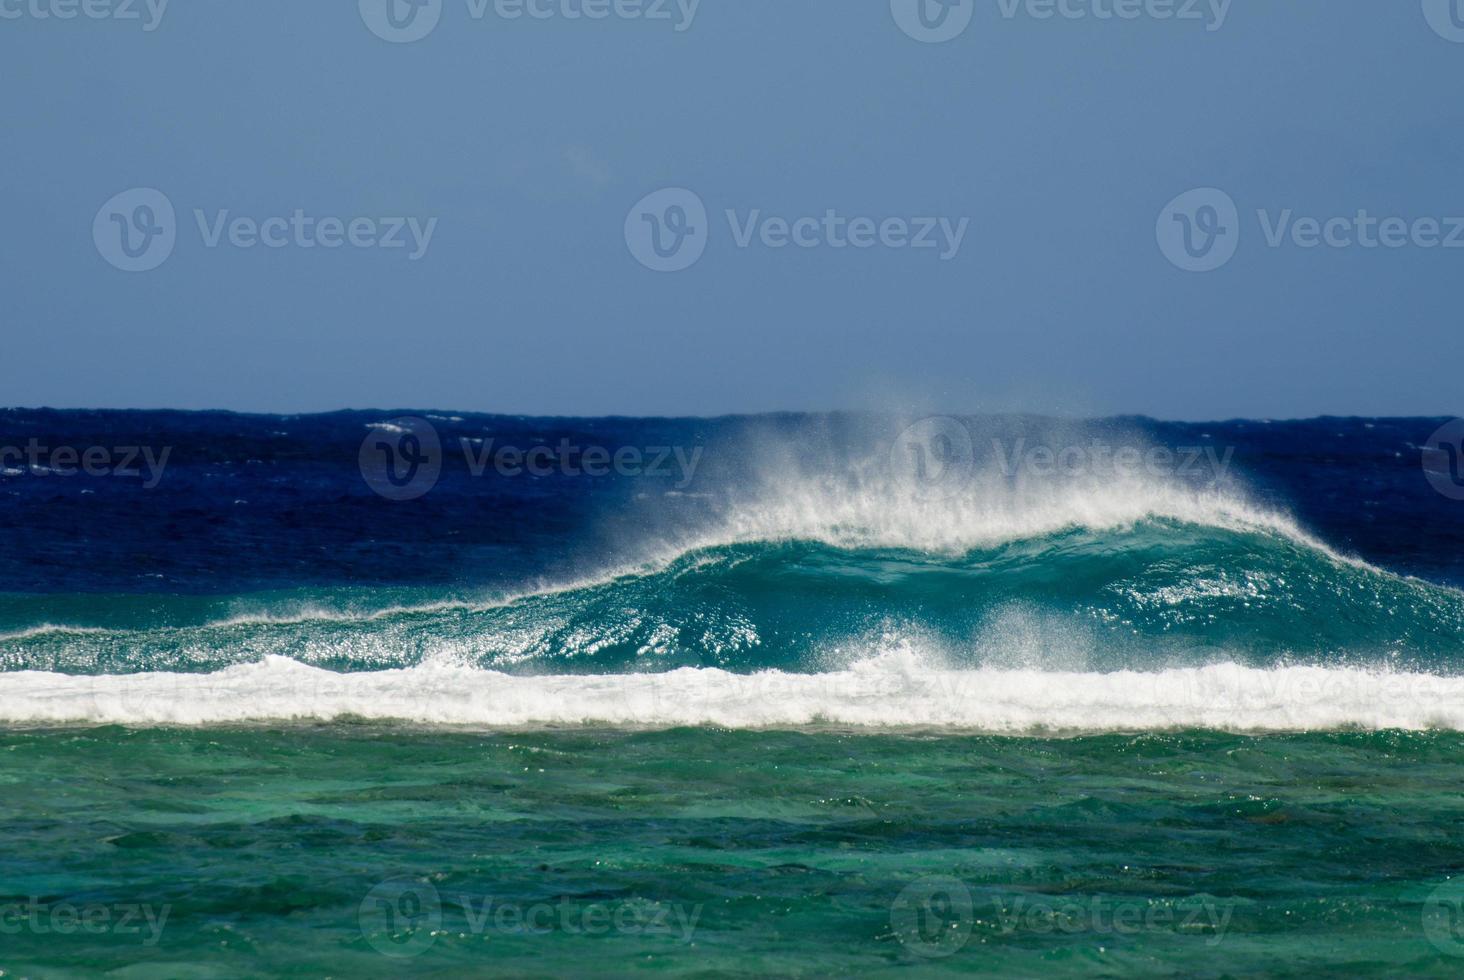 rupture de grosse vague dans l'île du pacifique photo